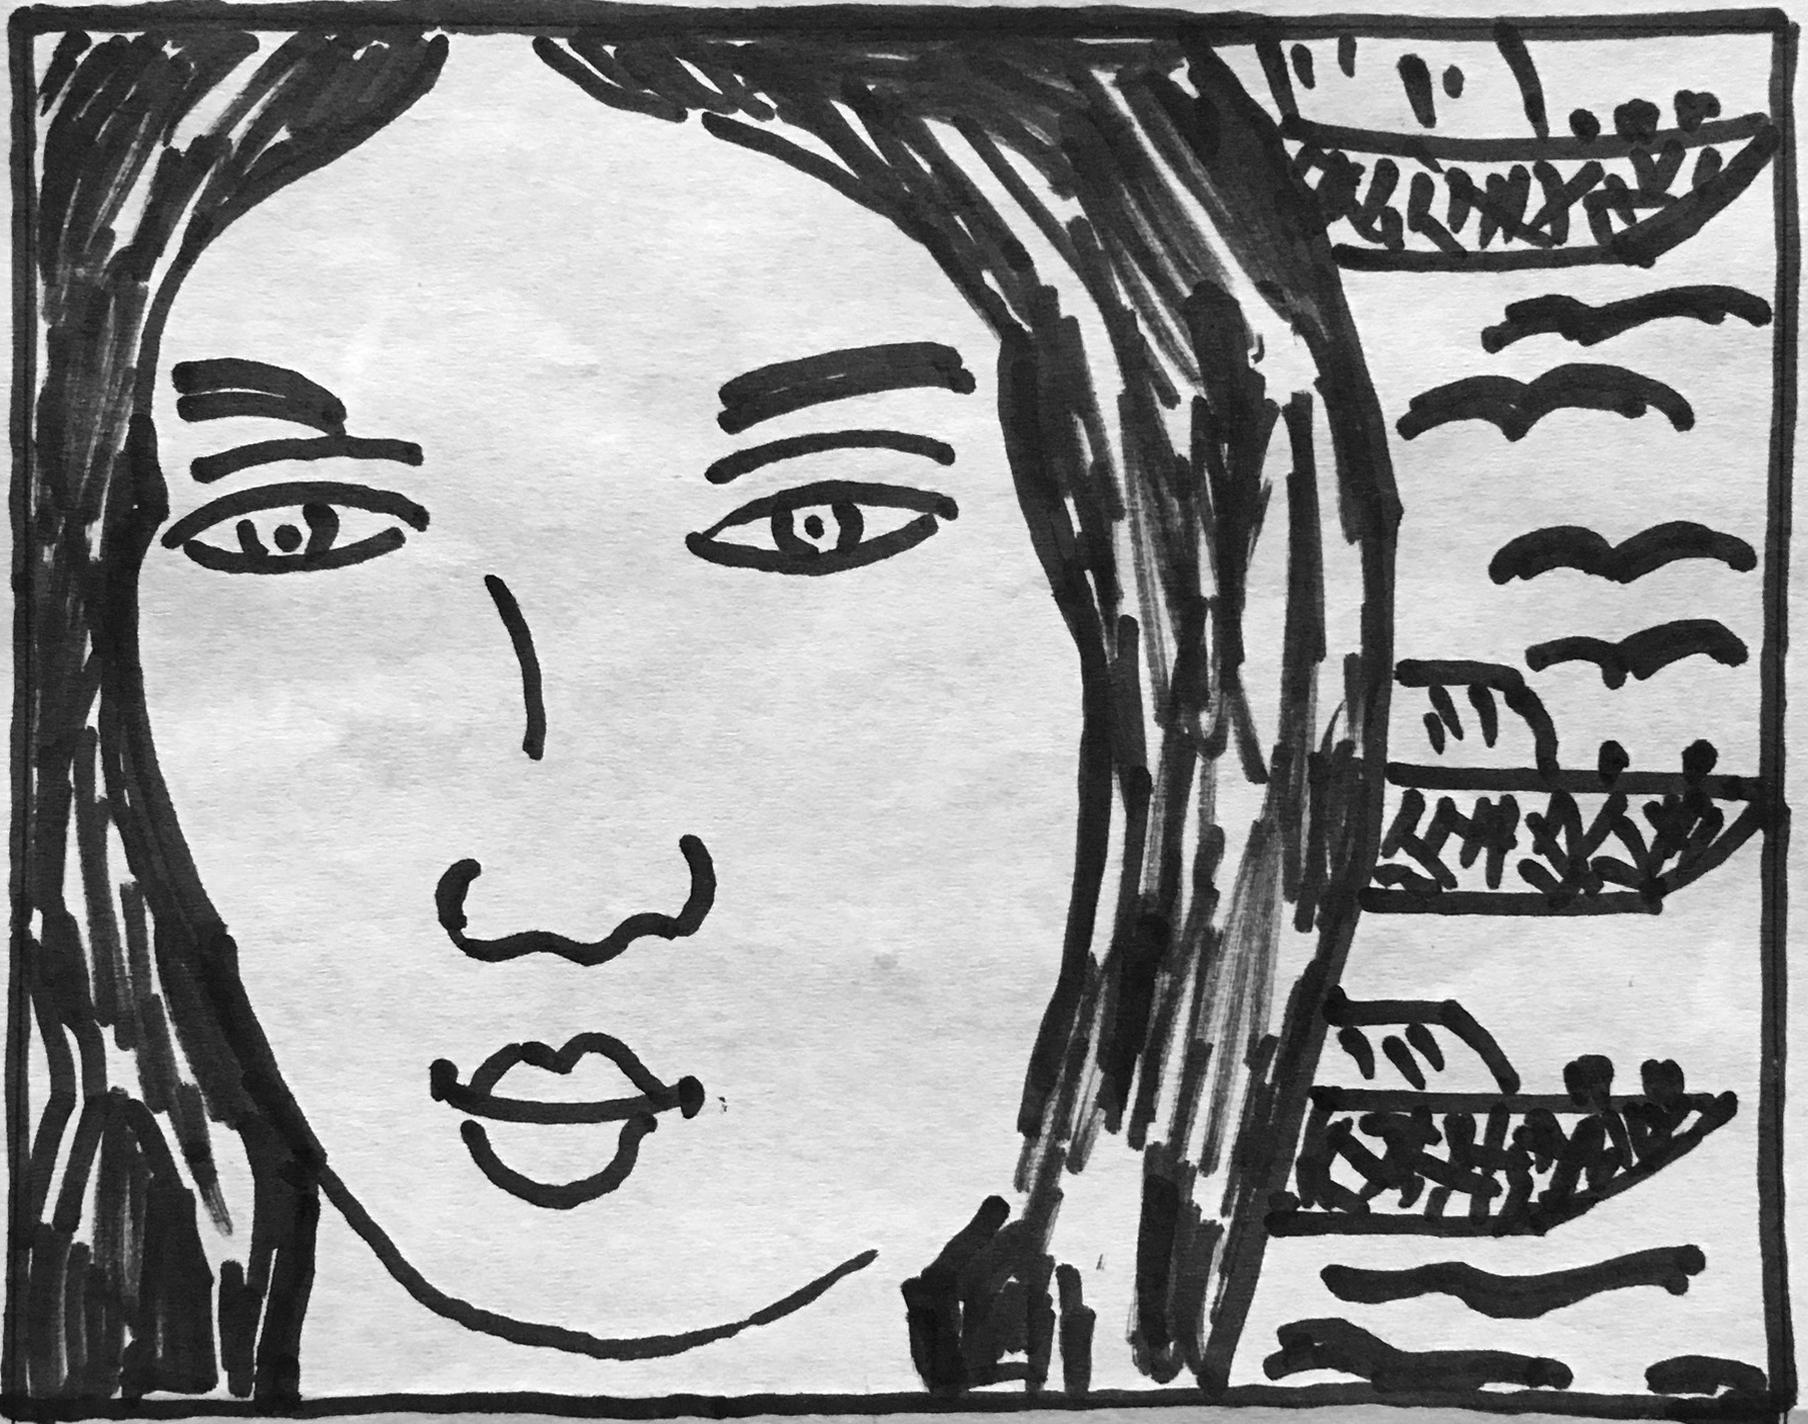 Truyện ngắn VẾT LĂN TRẦM  của Trần Quỳnh Nga